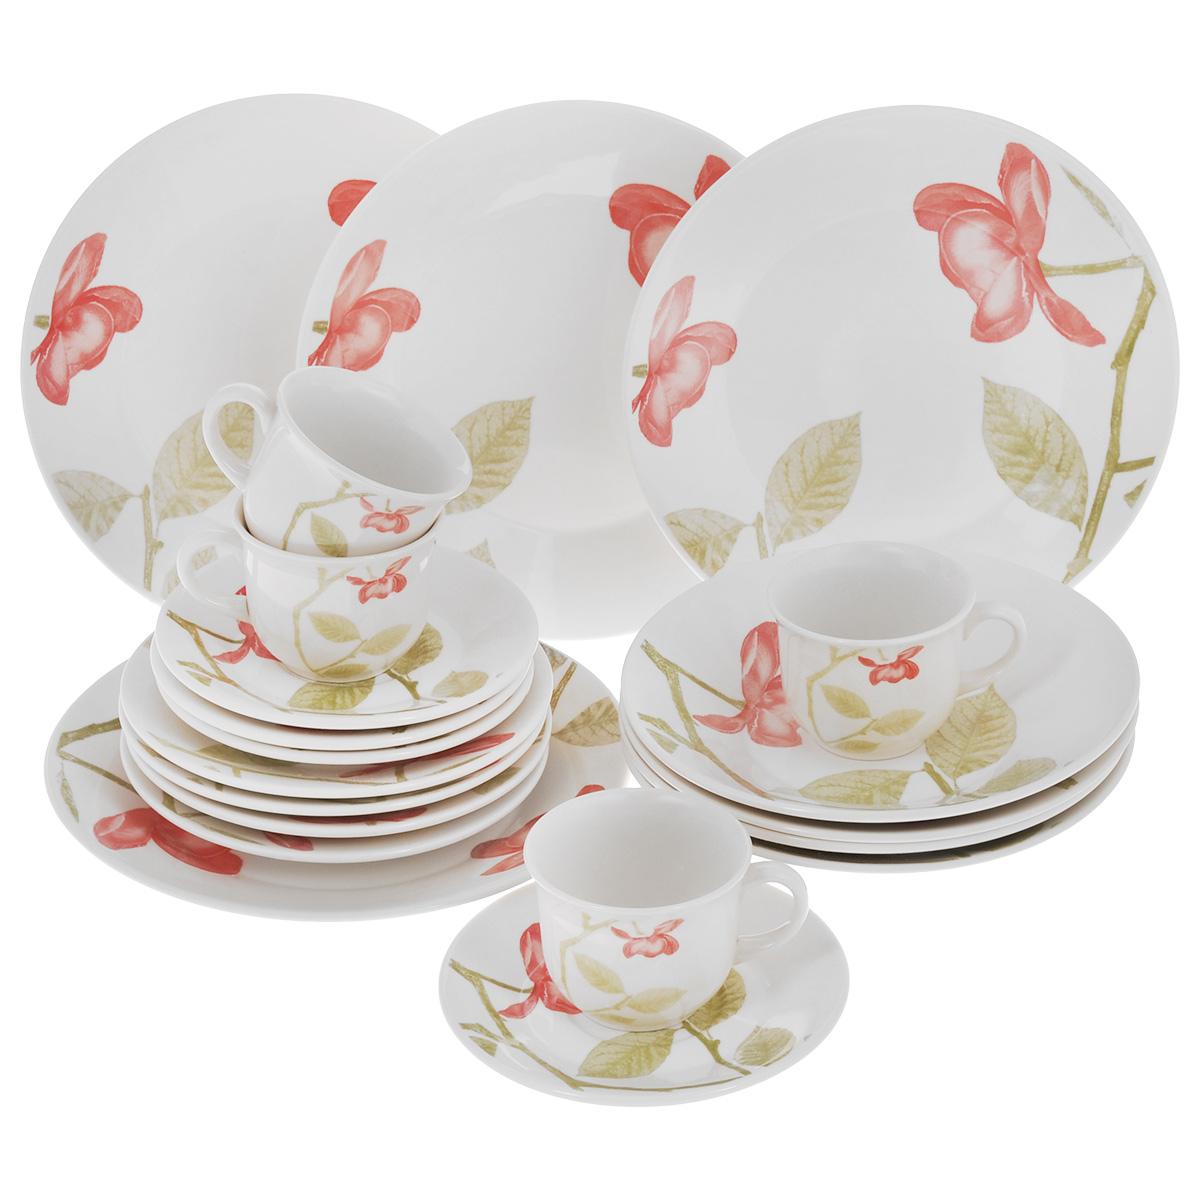 Набор столовый Biona Beauty, 20 предметов1481BEAUTY26-5Столовый набор Biona Beauty состоит из 4 обеденных тарелок, 4 суповых тарелок, 4 десертных тарелок, 4 блюдец и 4 кружек. Изделия выполнены из высококачественной экологически чистой керамики, которая изготавливается путем спекания глин с минеральными добавками. В качестве покрытия используется глазурь, что подтверждено сертификатами качества и соответствует всем международным санитарным нормам. Изделия оформлены красивым цветочным рисунком - традиционным для данной марки, который наносится исключительно вручную. Еще одной особенностью марки является использование экологически чистой упаковки - эксклюзивный деревянный ящик с соломой внутри. Посуда легко моется в посудомоечных машинах, термостойкая (пищу можно подогреть в микроволновой печи, в духовом шкафу). Диаметр обеденной тарелки: 26 см. Диаметр суповой тарелки: 22 см. Диаметр десертной тарелки: 19 см. Диаметр блюдца: 16,5 см. Объем чашки: 200 мл. Диаметр чашки (по верхнему...